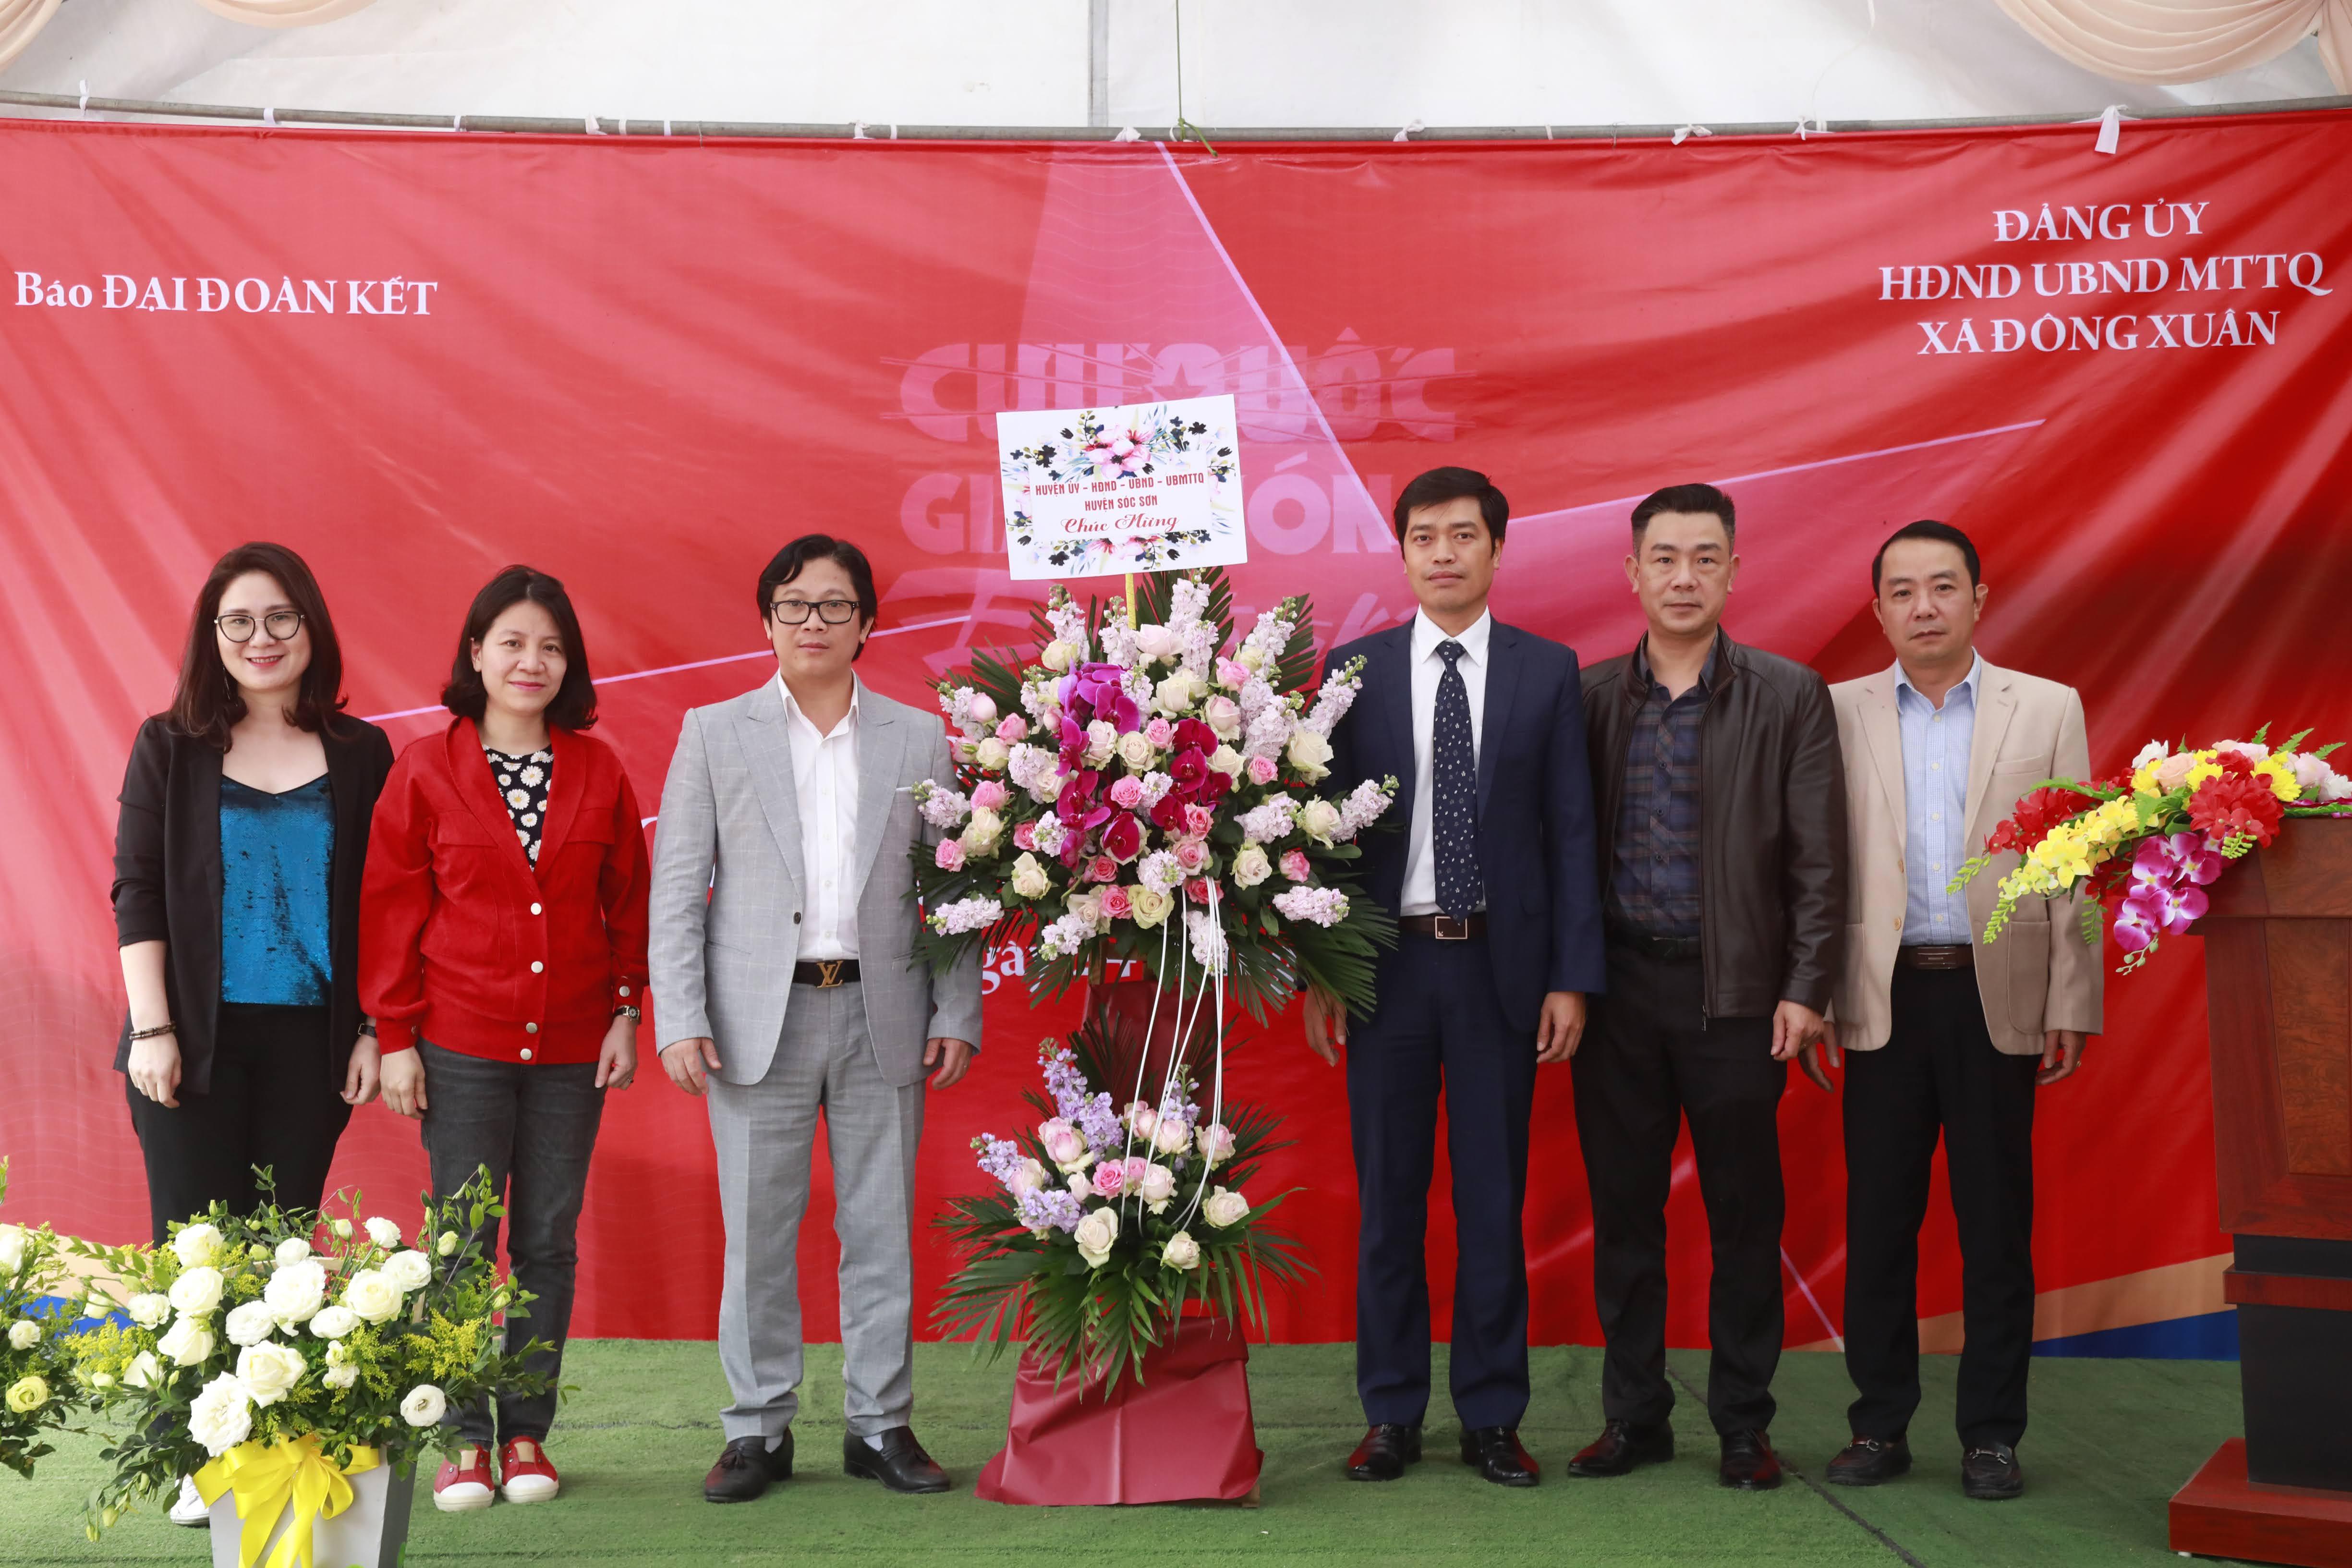 Phó Tổng biên tập phụ trách Lê Anh Đạt nhận lẵng hoa chúc mừng từ lãnh đạo huyện Sóc Sơn. Ảnh: Quang Vinh.